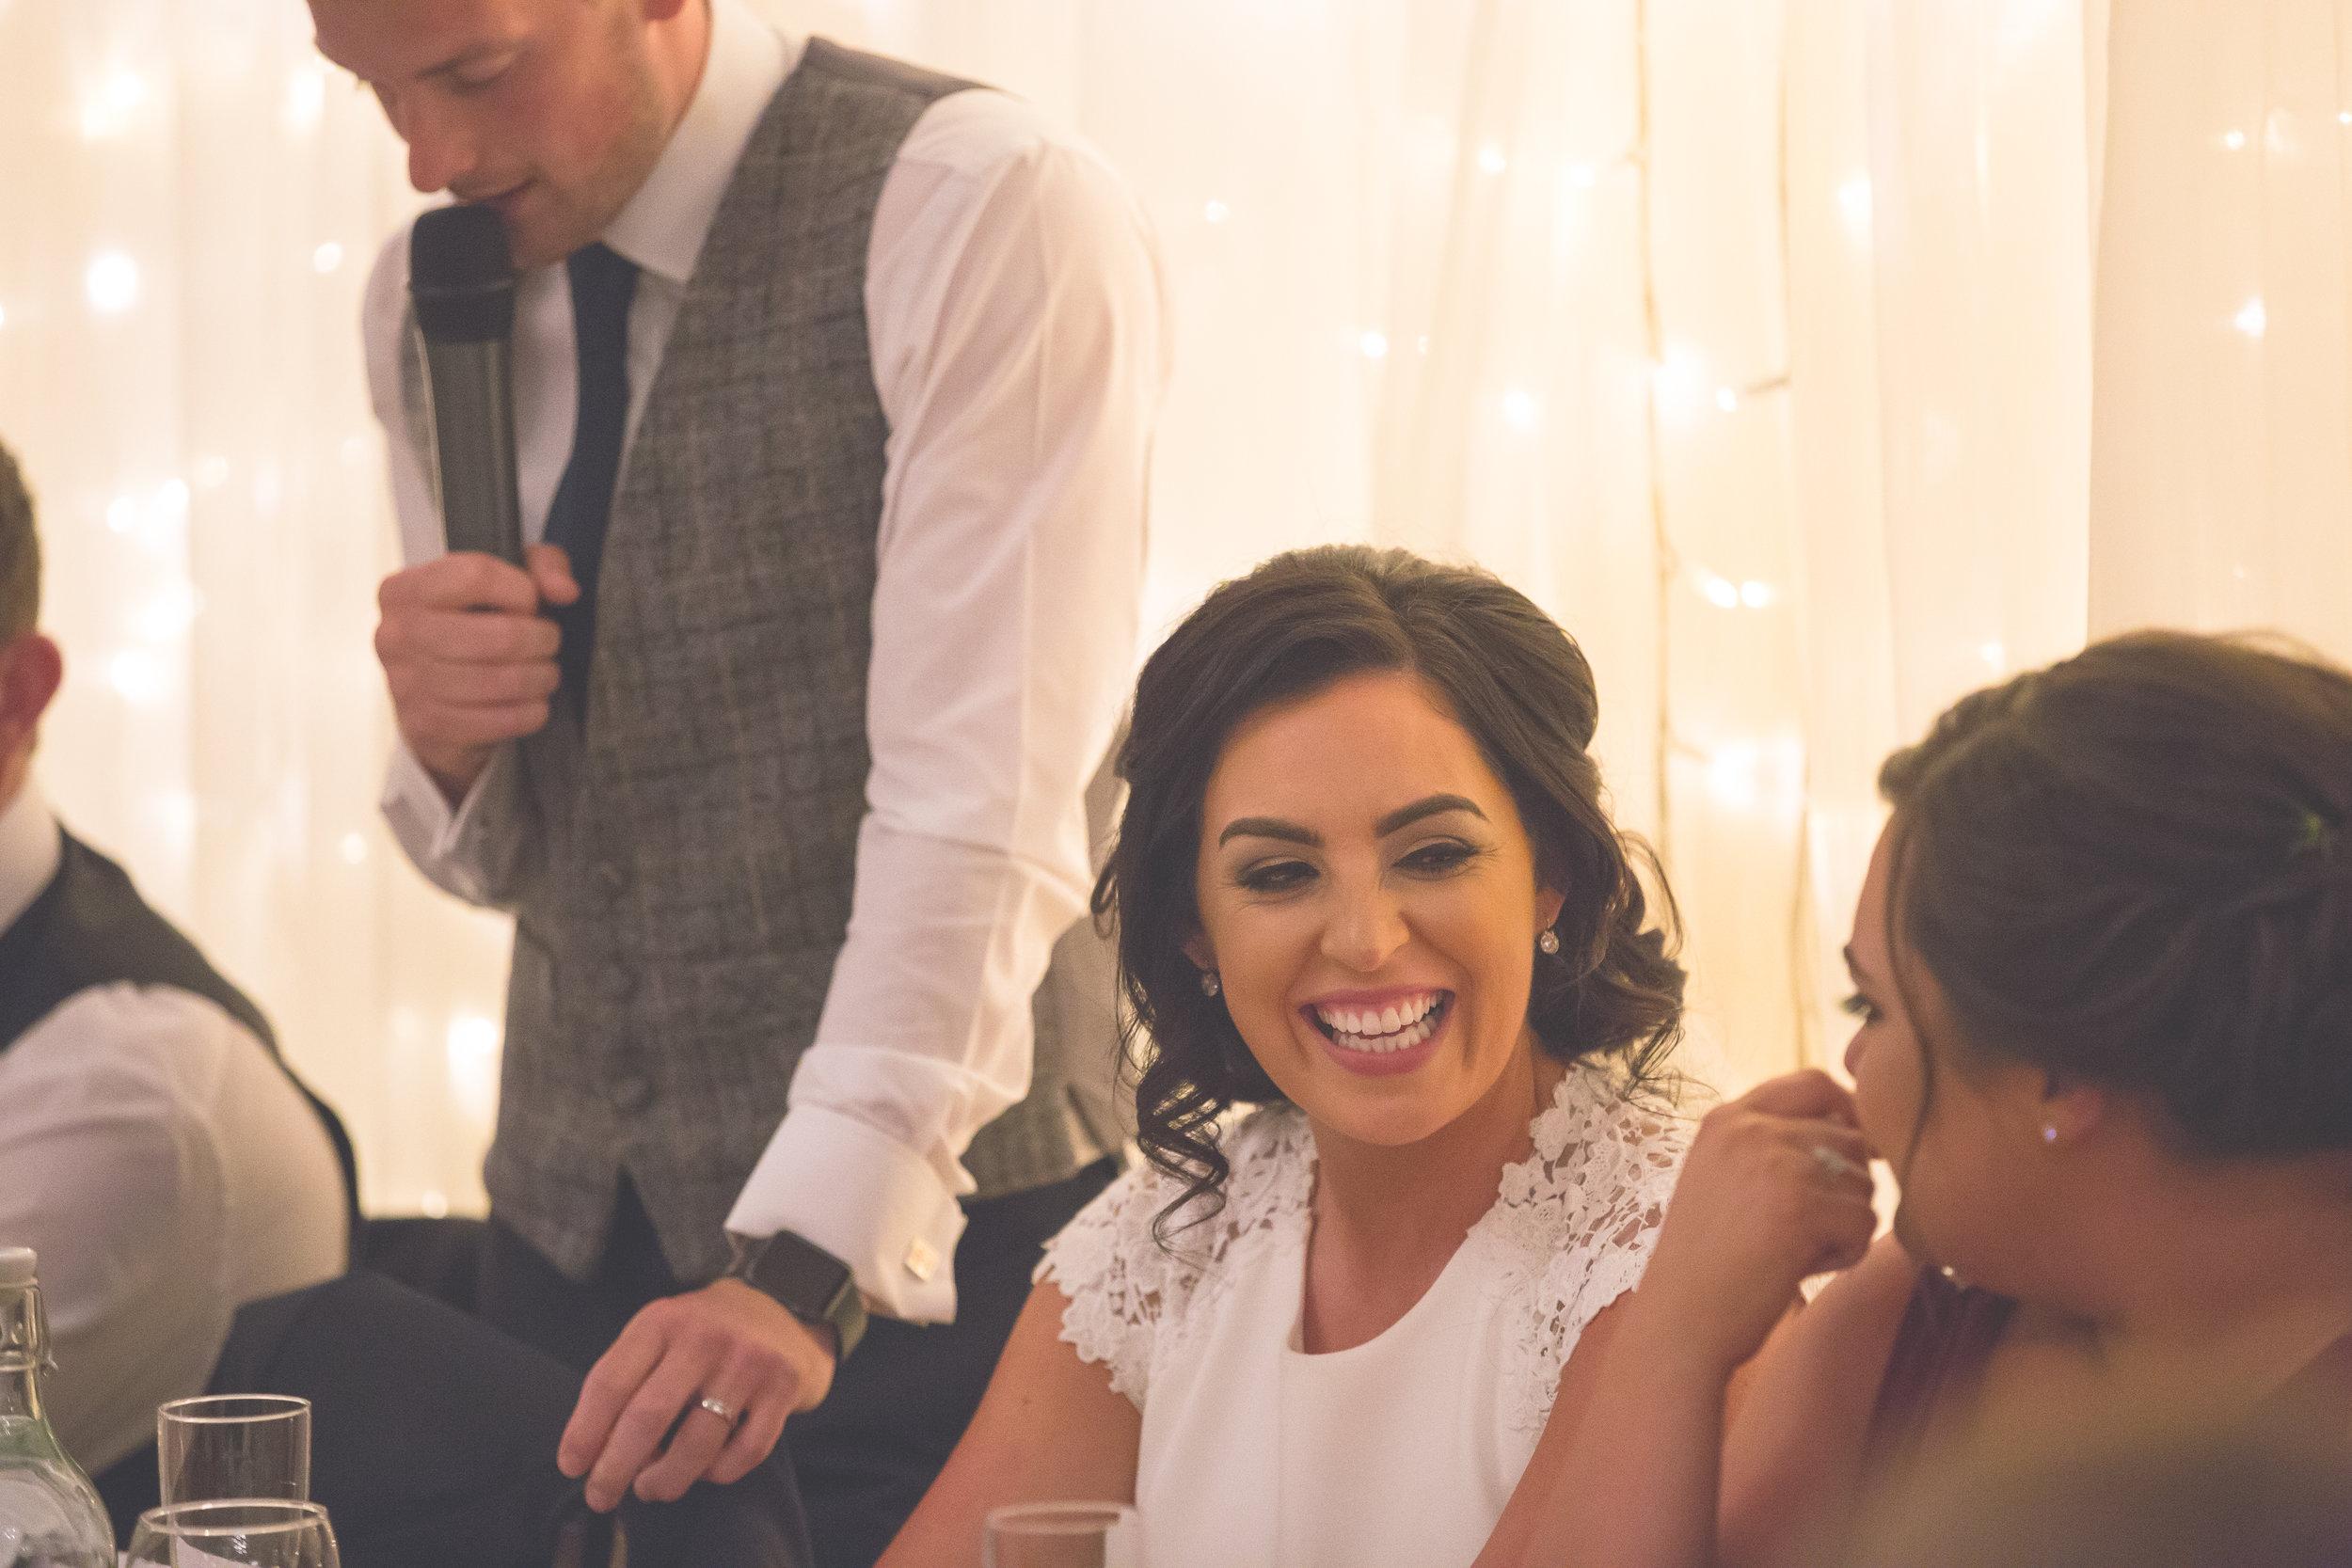 Brian McEwan Wedding Photography | Carol-Anne & Sean | The Speeches-83.jpg